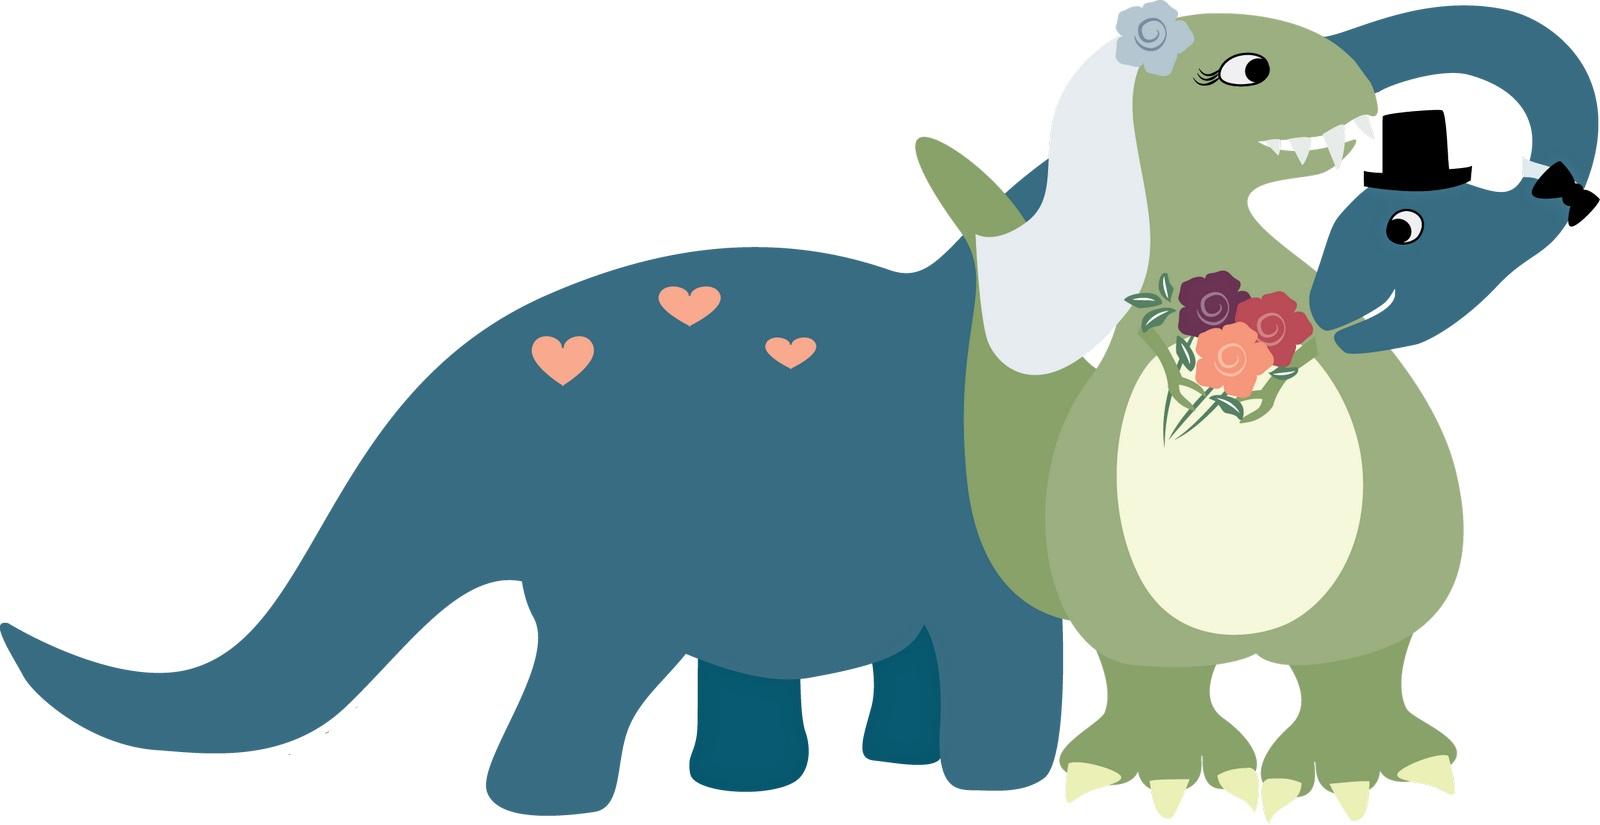 Dinosaur Wedding Invitations: Dinosaur Wedding Invitation Ideas